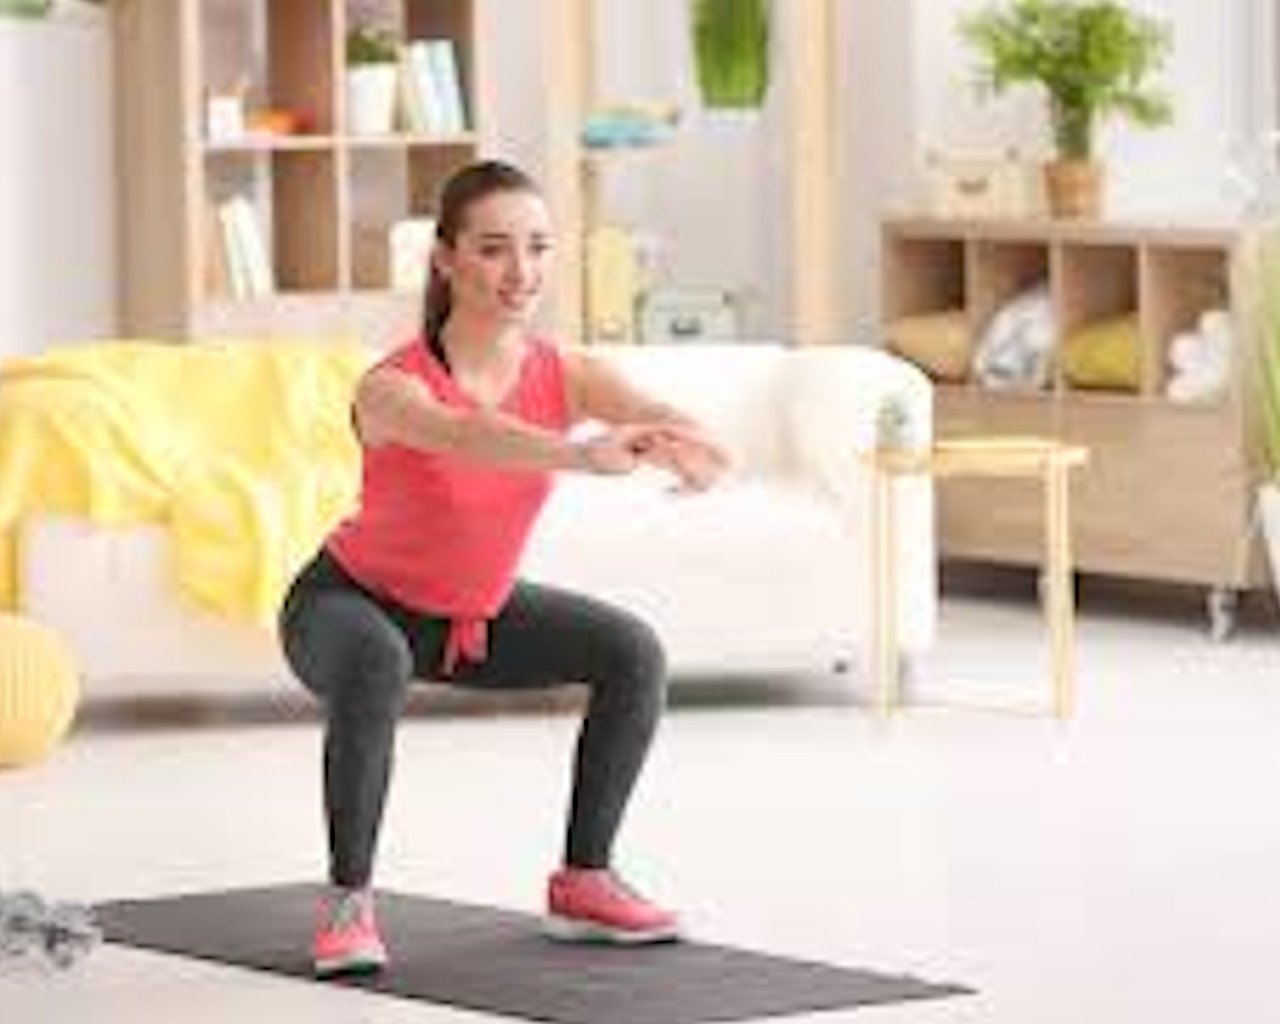 20λεπτη προπόνηση για να χάσεις εύκολα και γρήγορα βάρος-Θα την δοκιμάσεις;